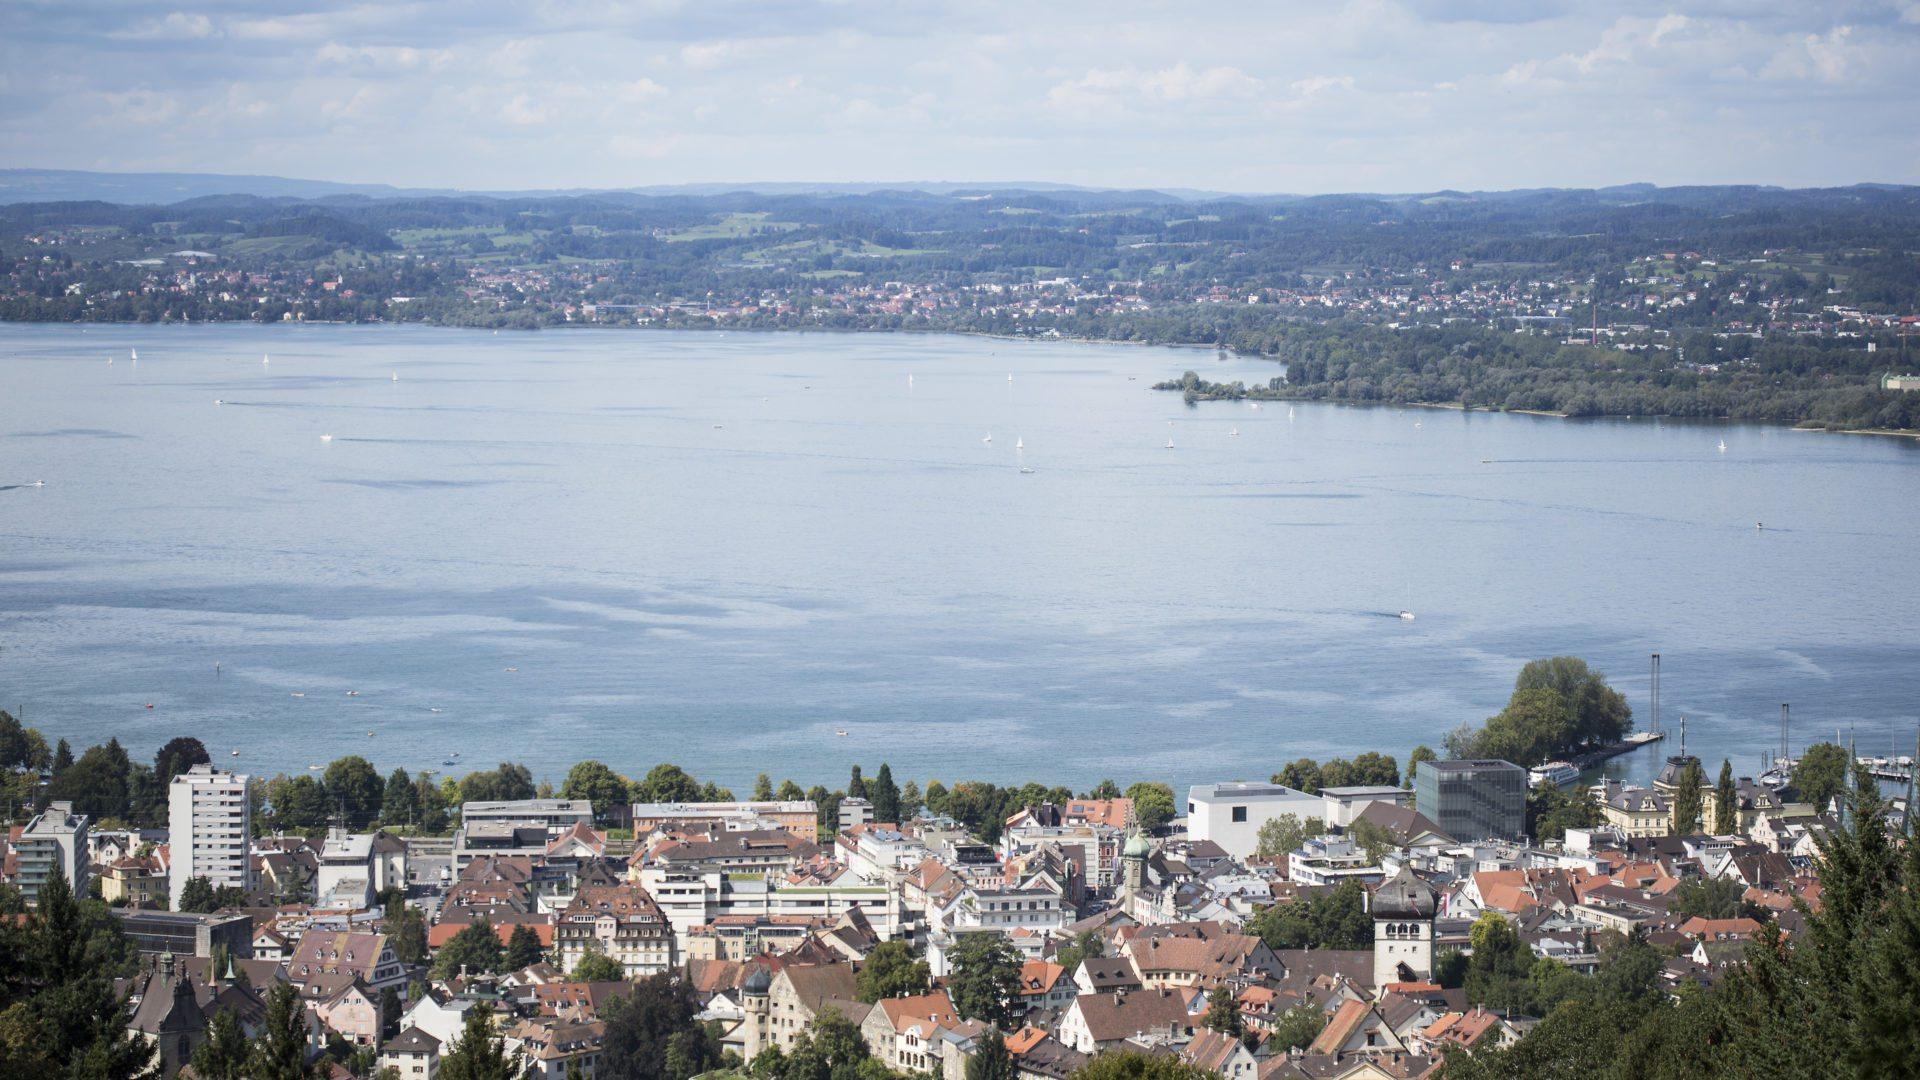 Blick auf Bregenz, Bregenzer Bucht, Bodensee (c) Petra Rainer / Bodensee-Vorarlberg Tourismus